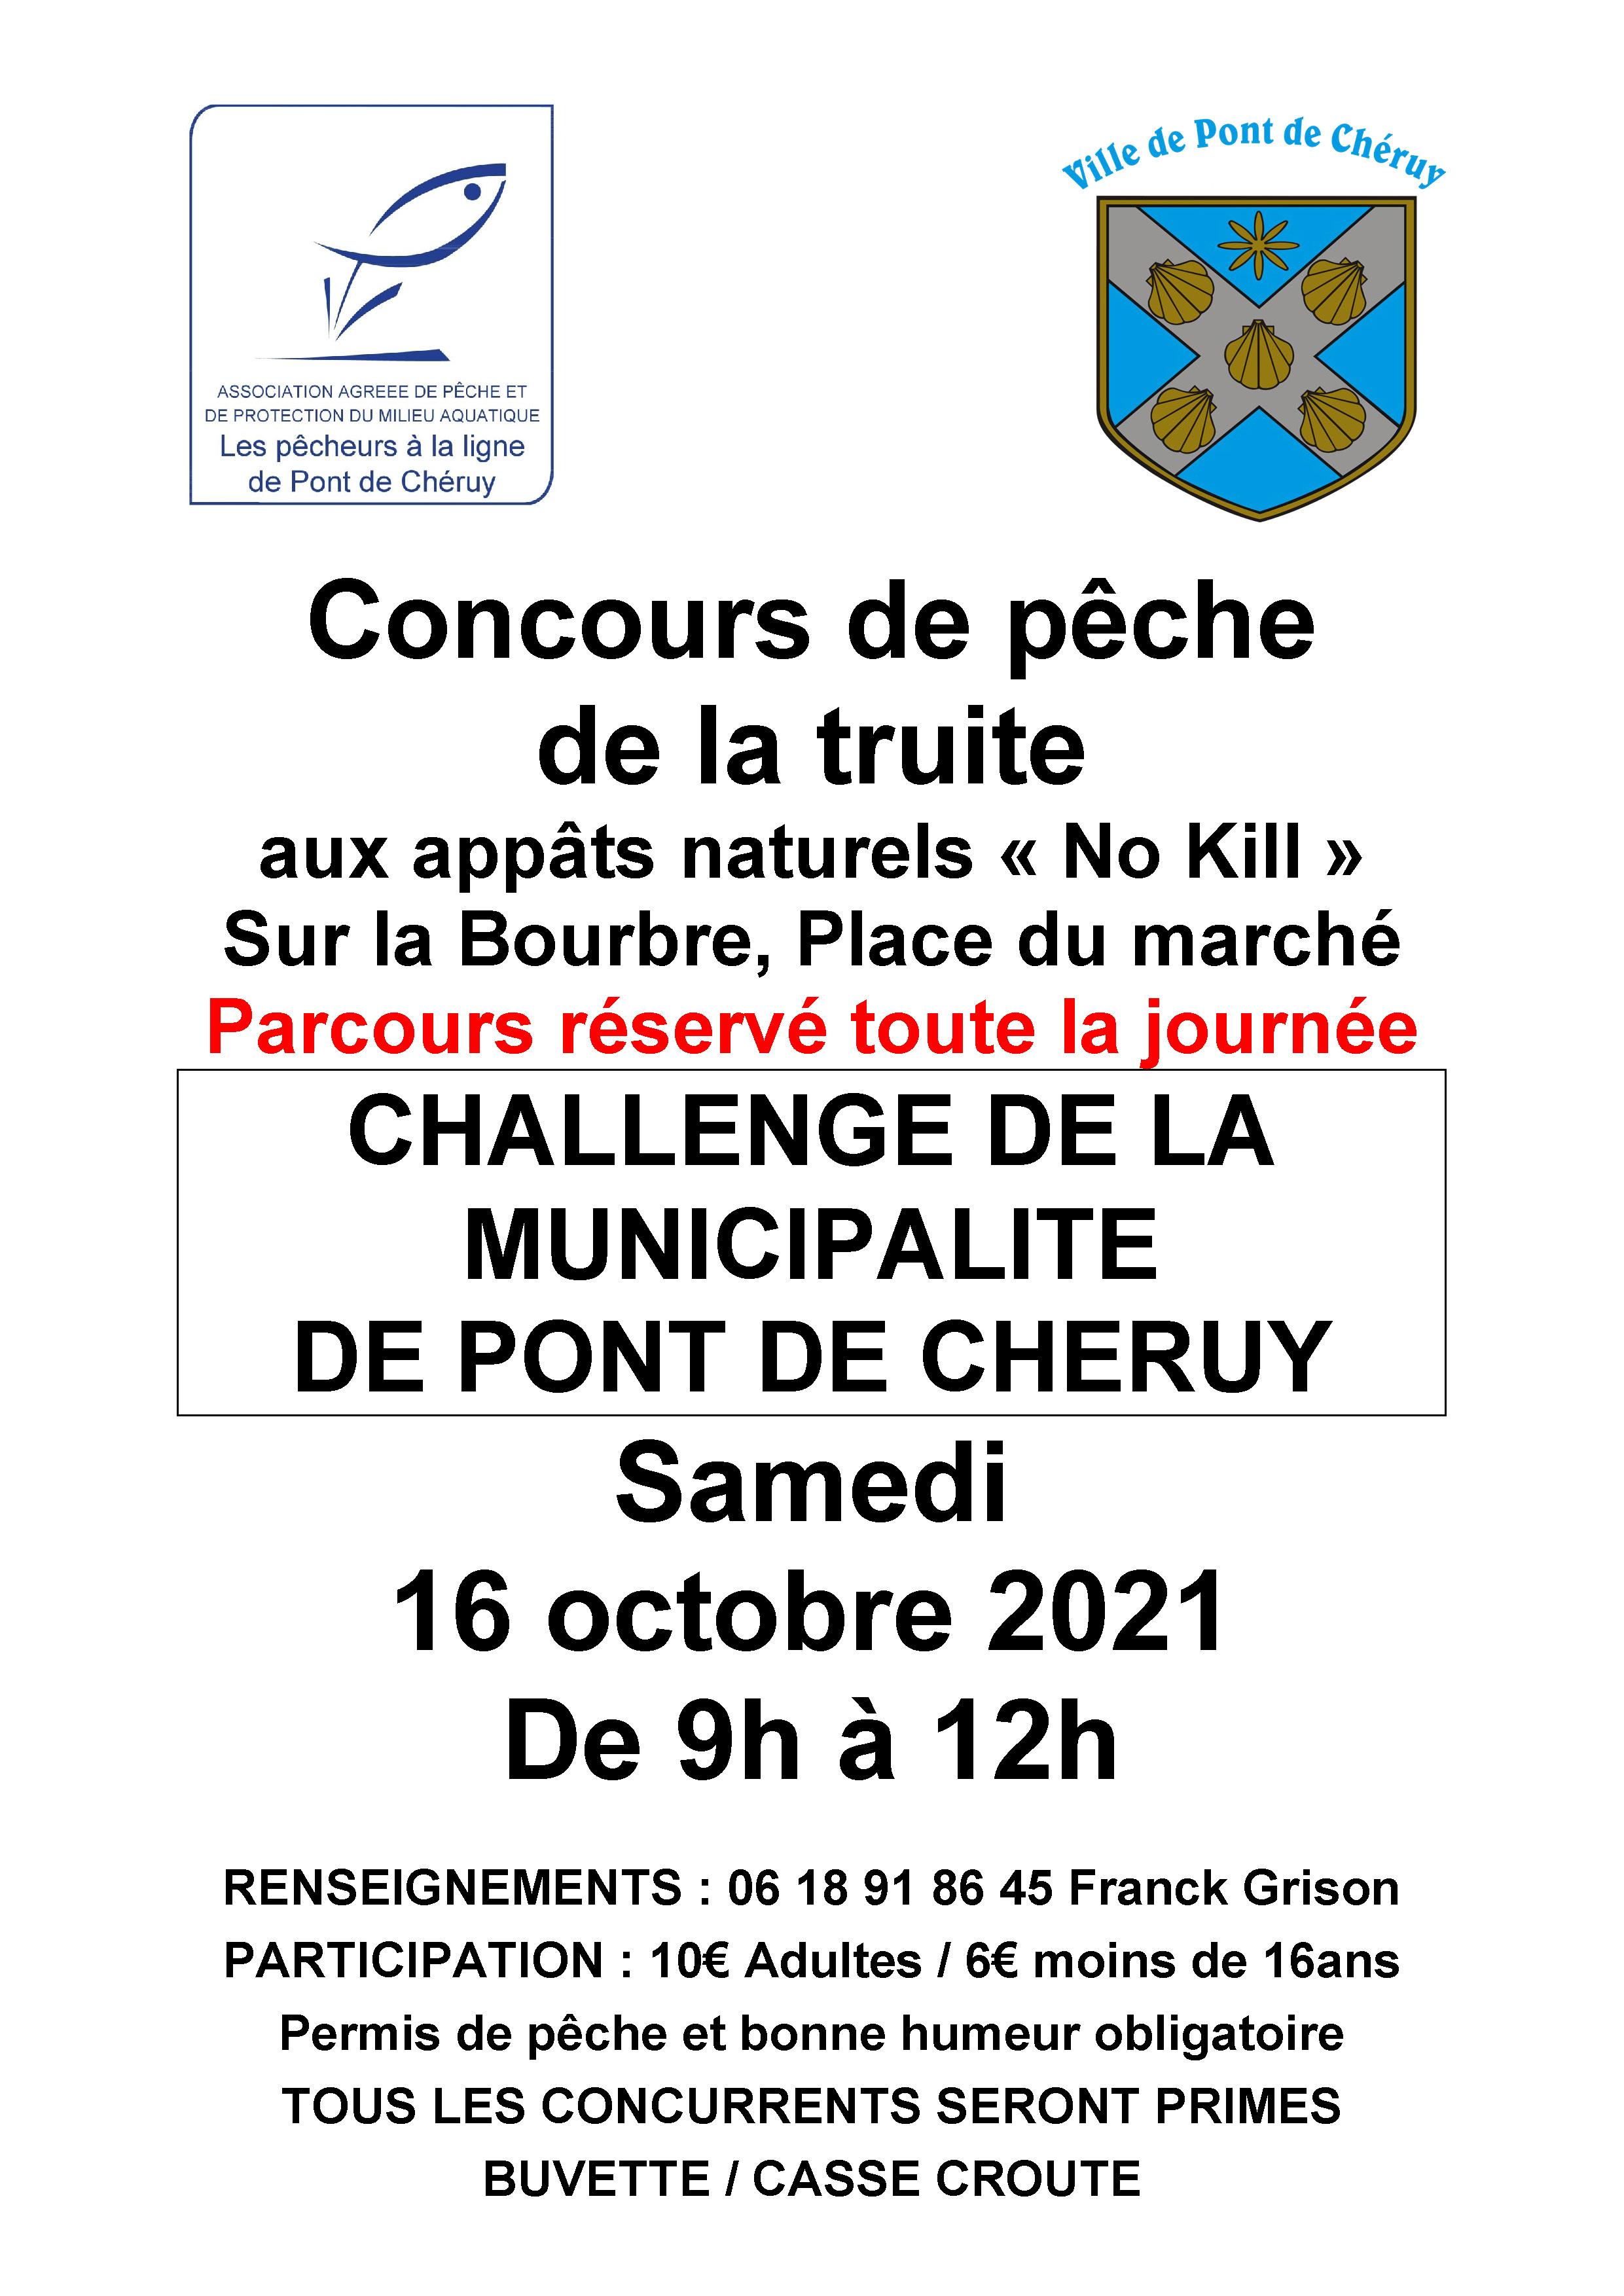 16 octobre Challenge de la municipalité V2.jpg